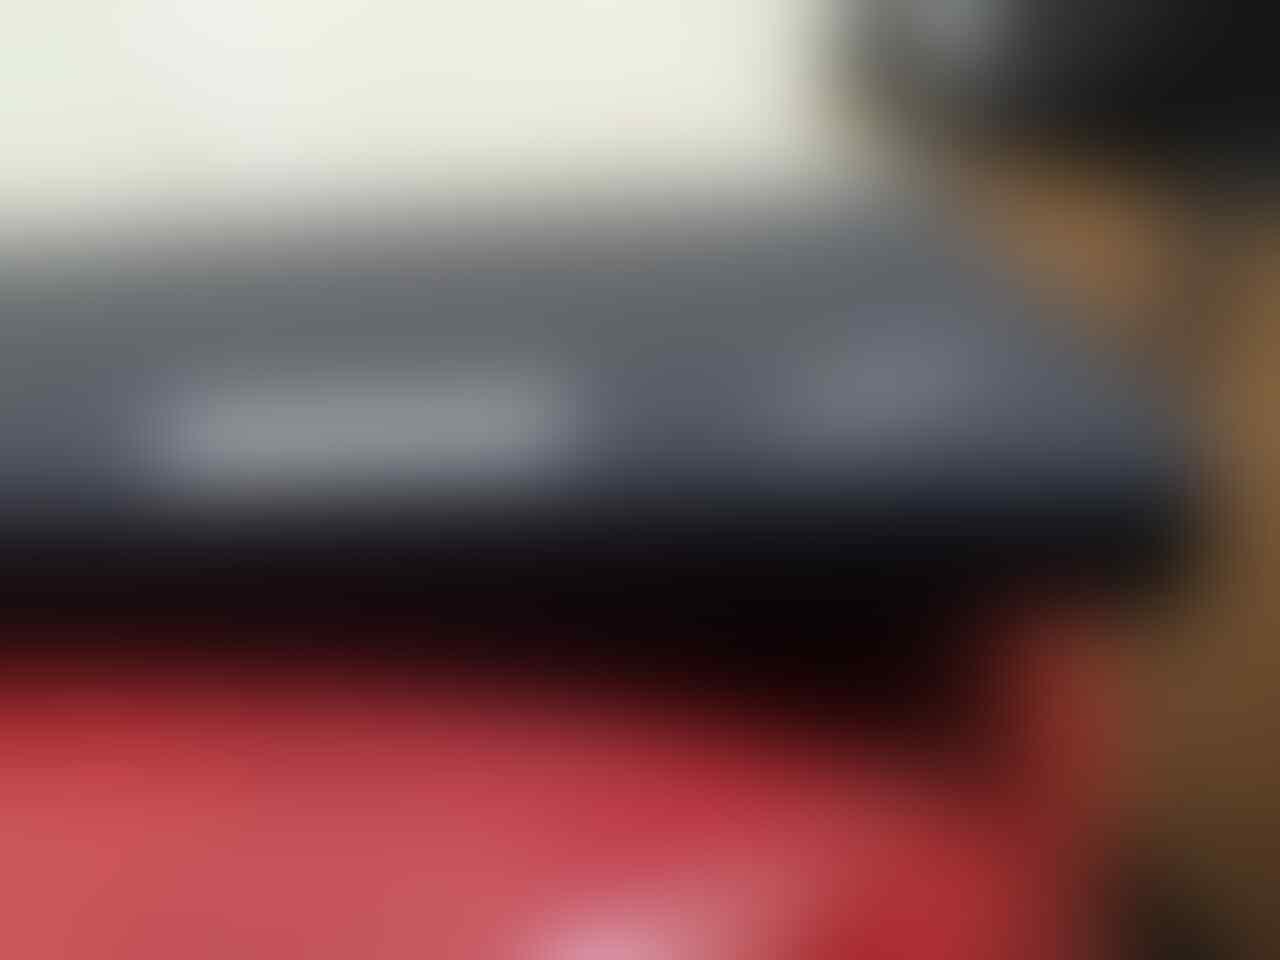 THINKPAD X240 I7 4600U 2.1GHZ 8GB RAM 240GB SSDD 3G WWAN INSTALLED MULUS&MURAH!!